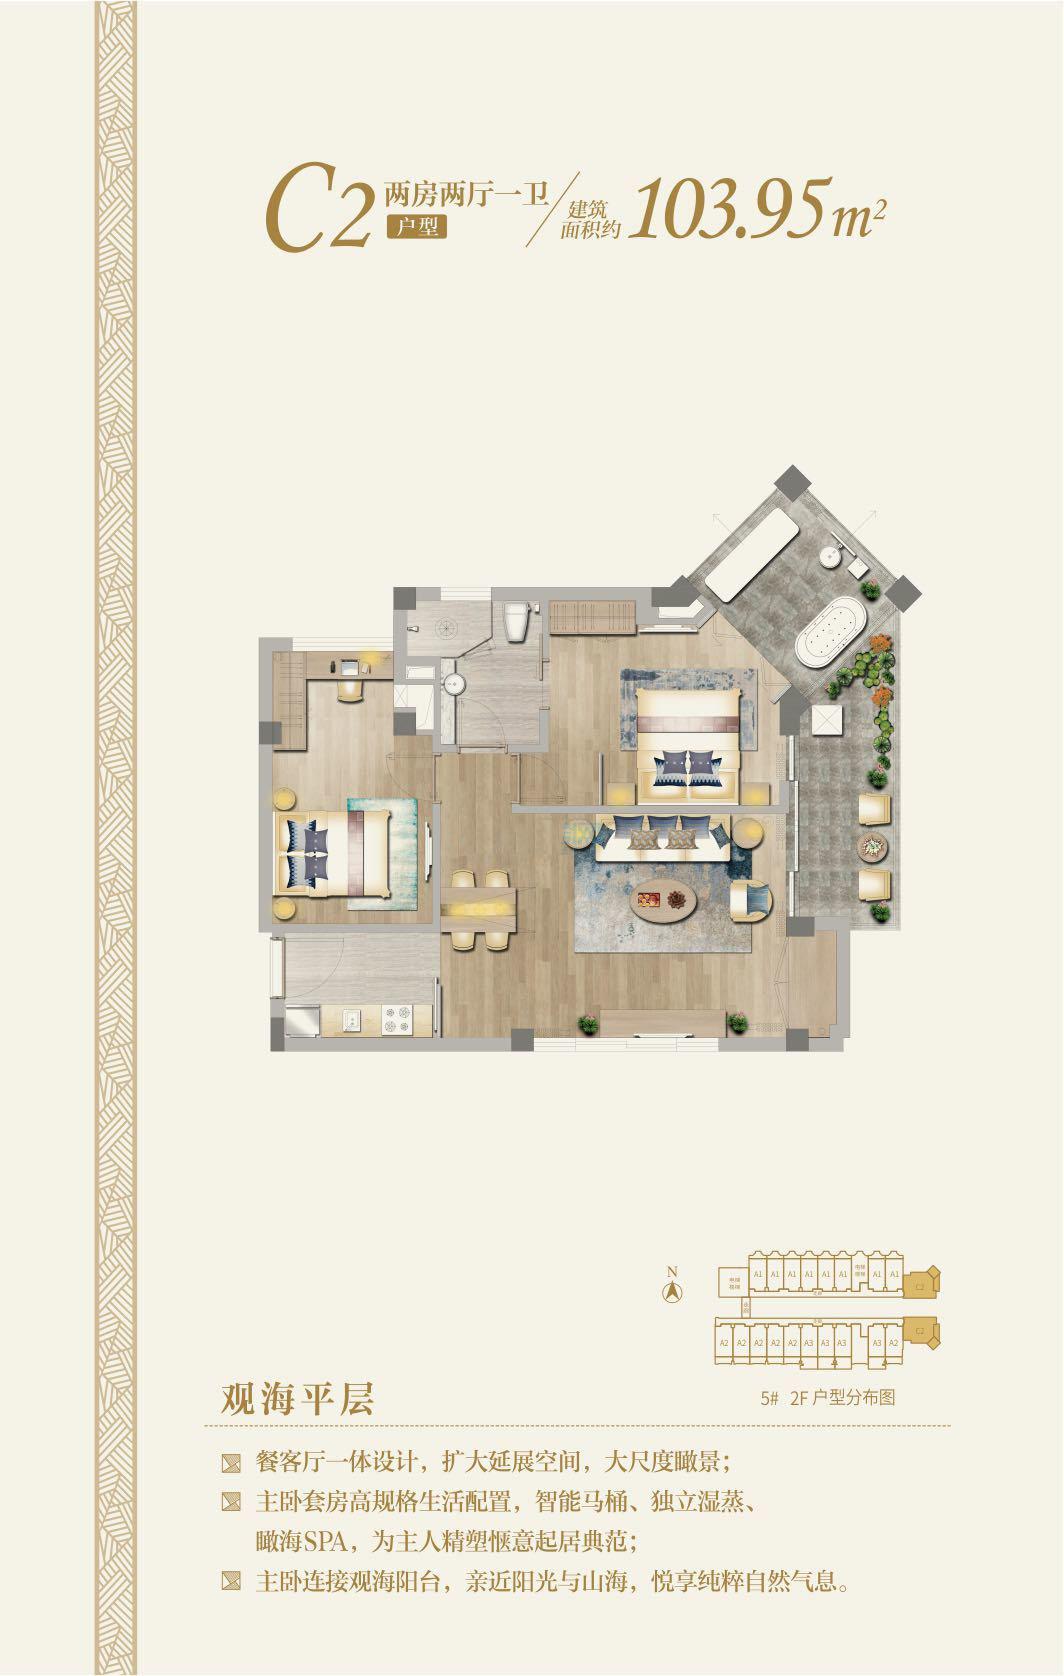 国玺二十五院观海平层C2户型 2房2厅1厨1卫 建筑面积:103.95㎡